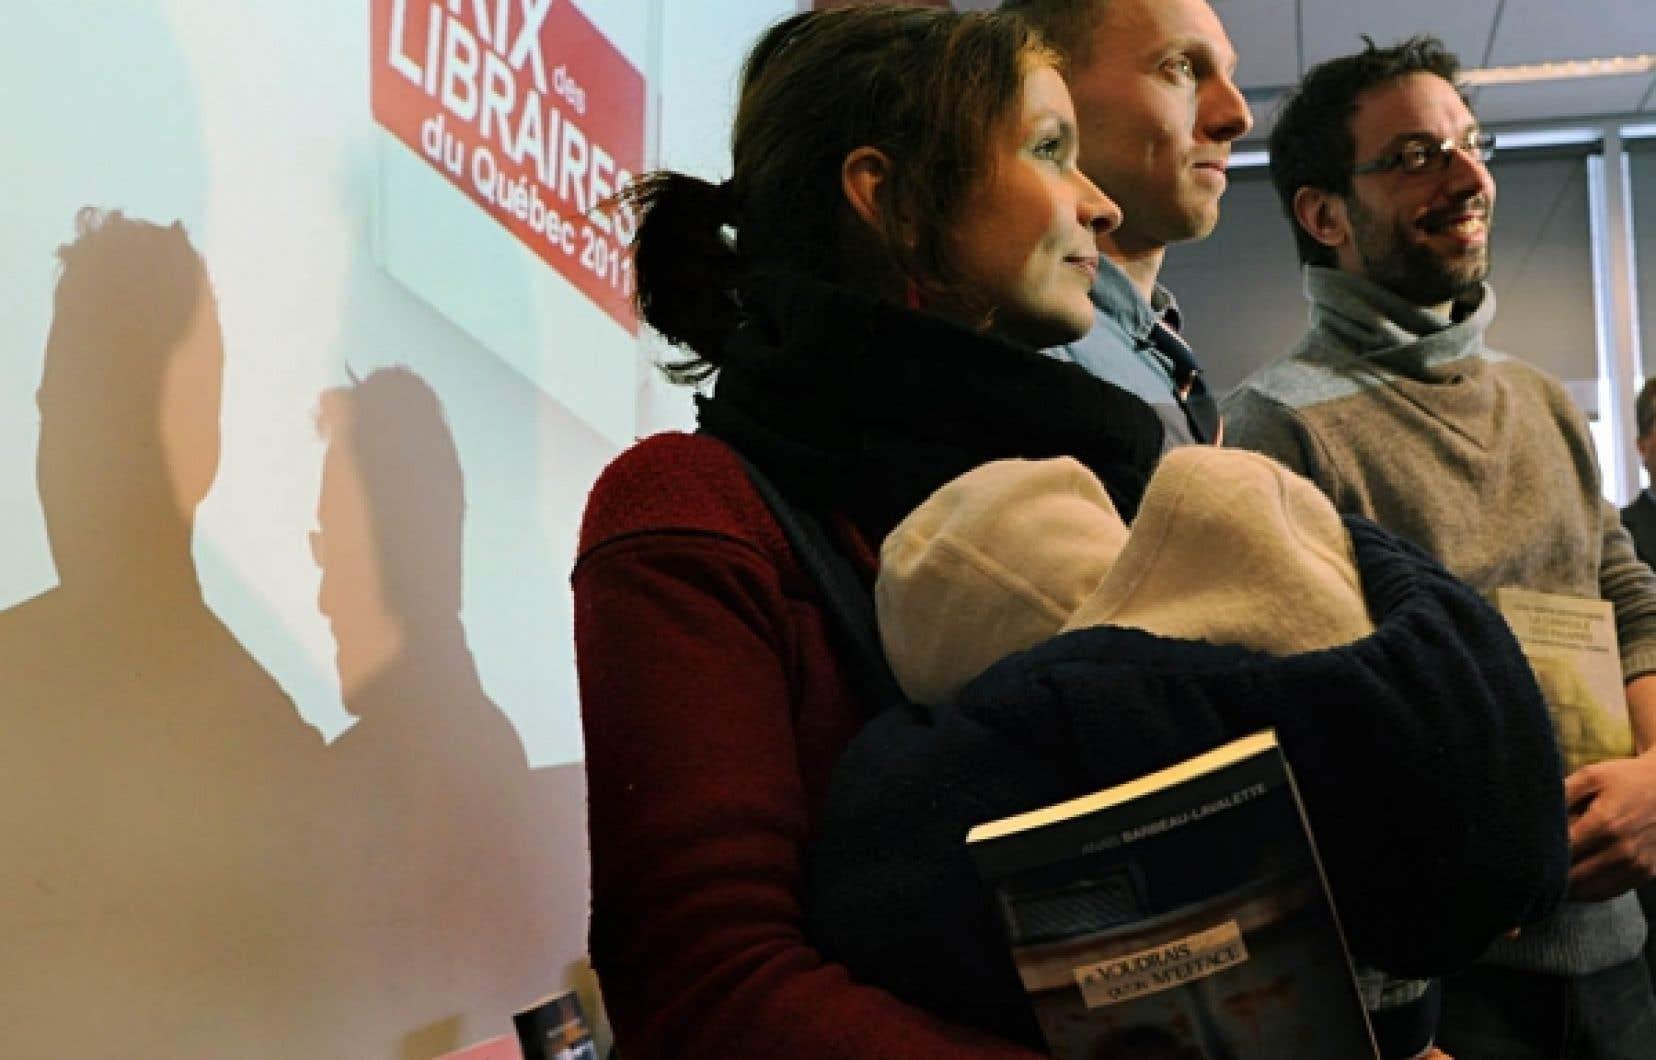 Les finalistes des 18es Prix des libraires du Québec ont été dévoilés hier à la Grande Bibliothèque. Ci-dessus, trois des auteurs toujours en lice: la réalisatrice Anaïs Barbeau-Lavalette (ici avec son petit Manoé dans les bras), Nicolas Langelier et Jean-Simon DesRochers. Le gagnant sera dévoilé le 9 mai.